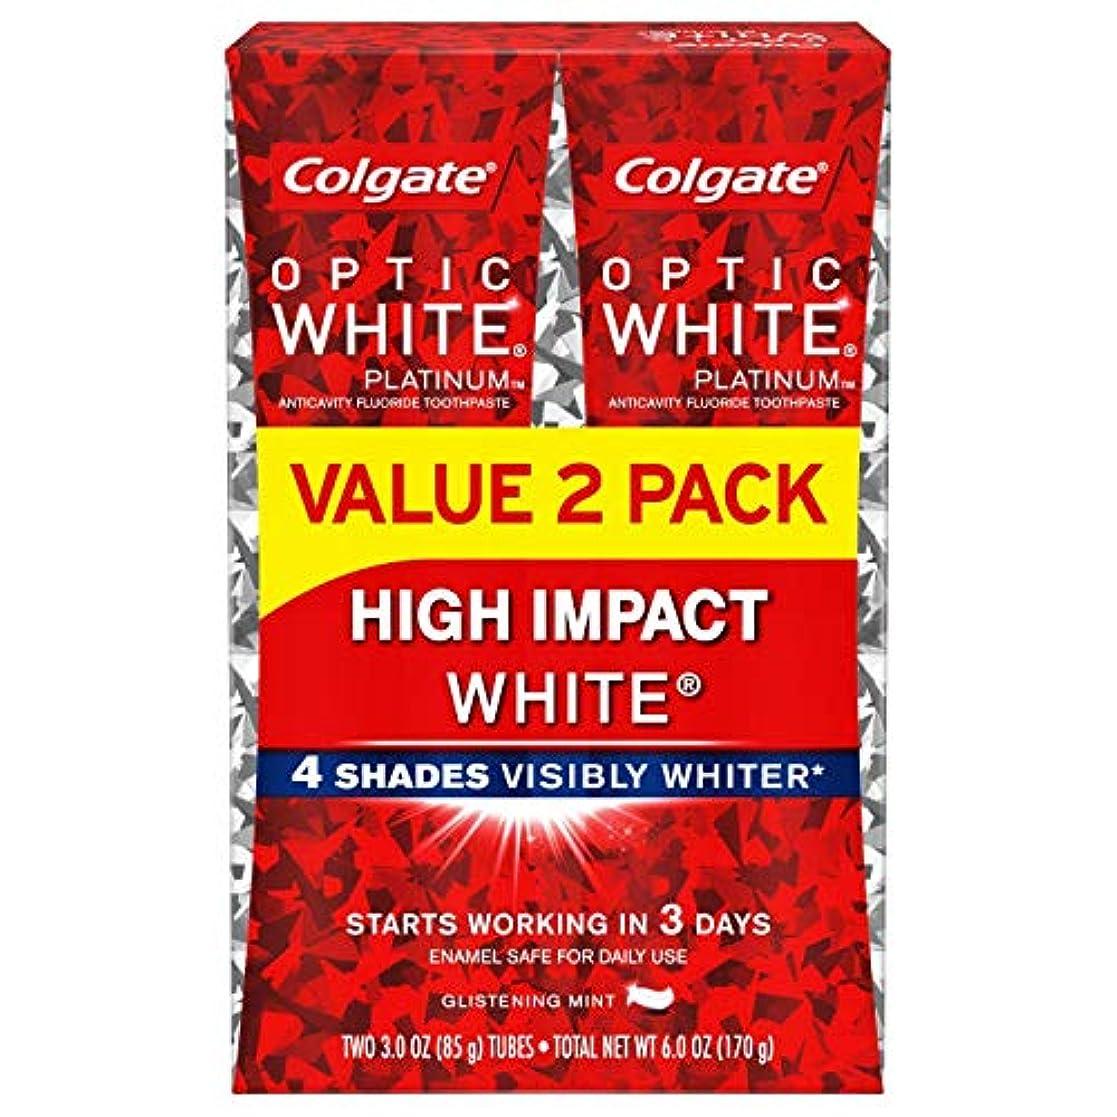 予備タクト直接Colgate Optic White High Impact White 練り歯磨き [並行輸入品] (2個セット)